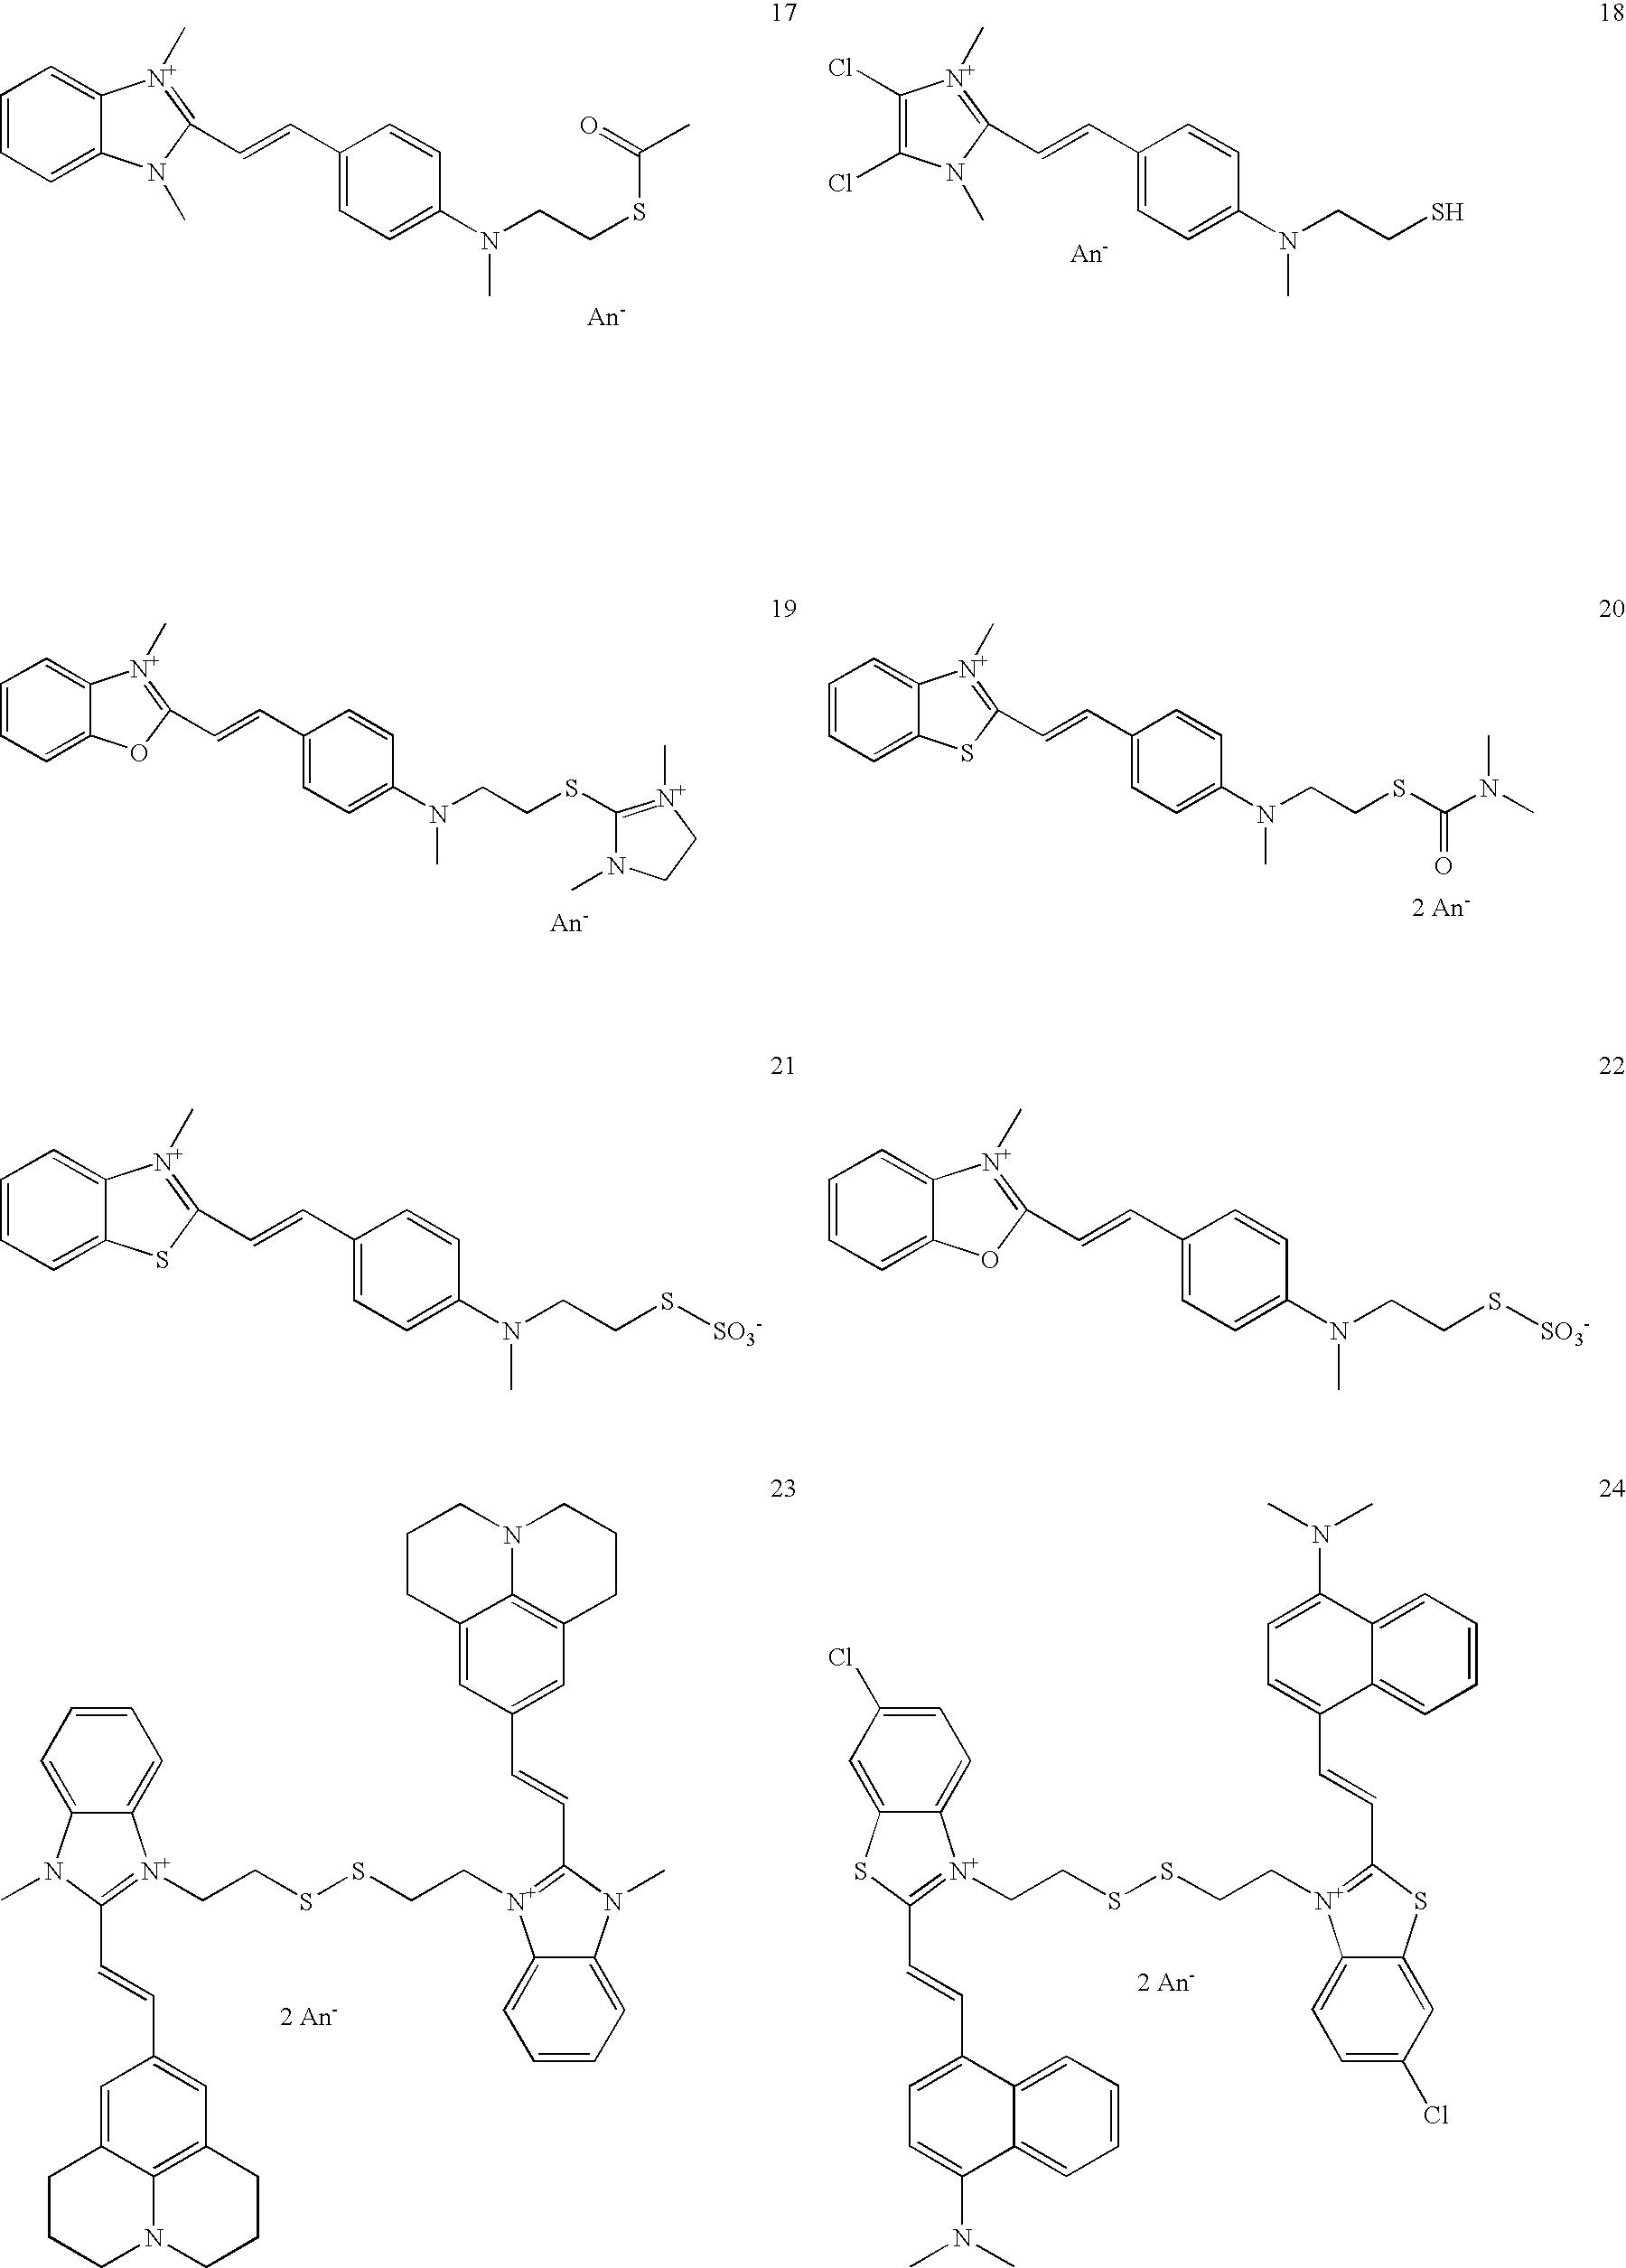 Figure US20090211038A1-20090827-C00012